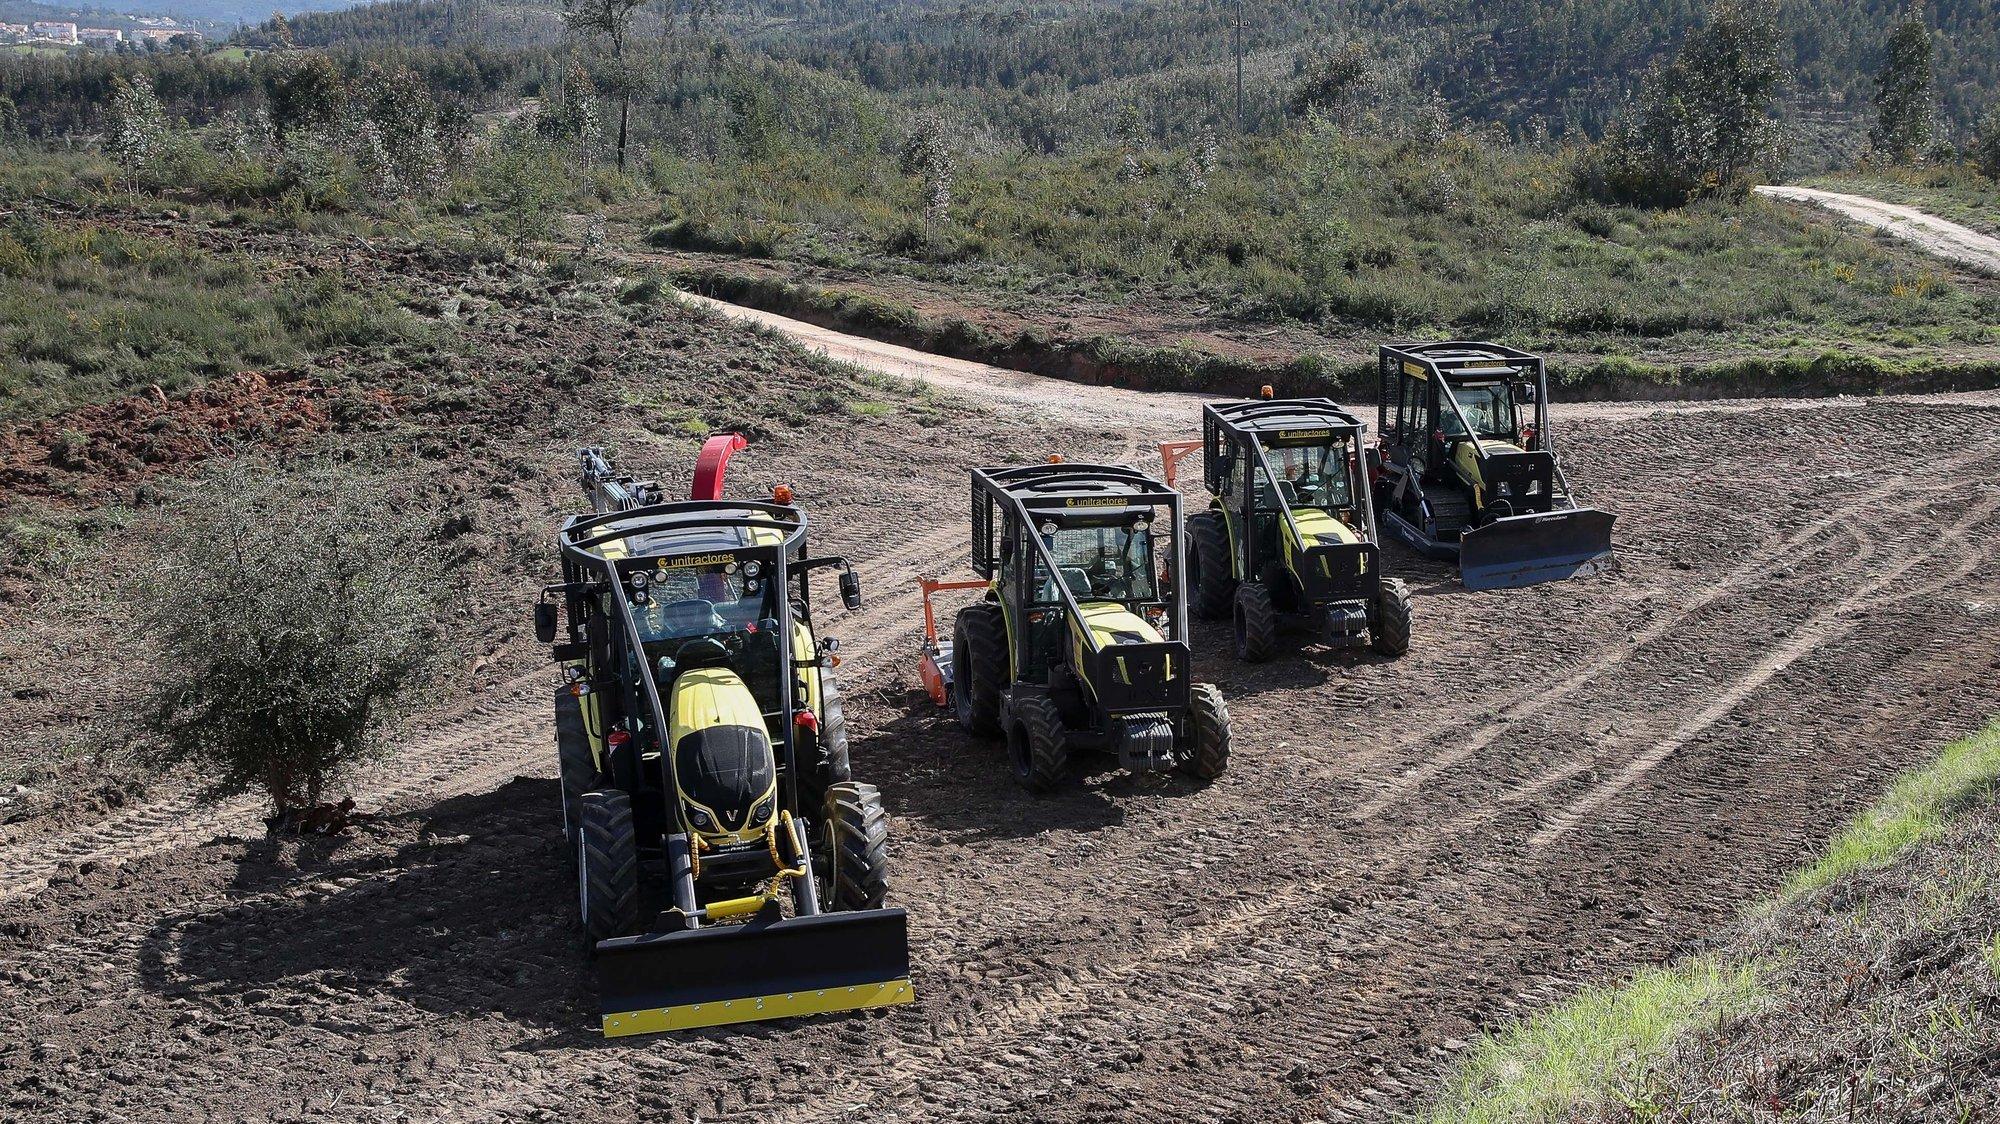 Algumas das máquinas entregues a organizações de produtores florestais durante a cerimónia de apresentação dos trabalhos de prevenção estrutural contra incêndios rurais e gestão de combustível, desenvolvidos pelo Instituto da Conservação da Natureza e das Florestas (ICNF), onde foram entregues às organizações de produtores florestais 15 veículos de maquinaria pesada para gestão de fogo rural, na Lousã, 20 de março de 2021. PAULO NOVAIS/LUSA